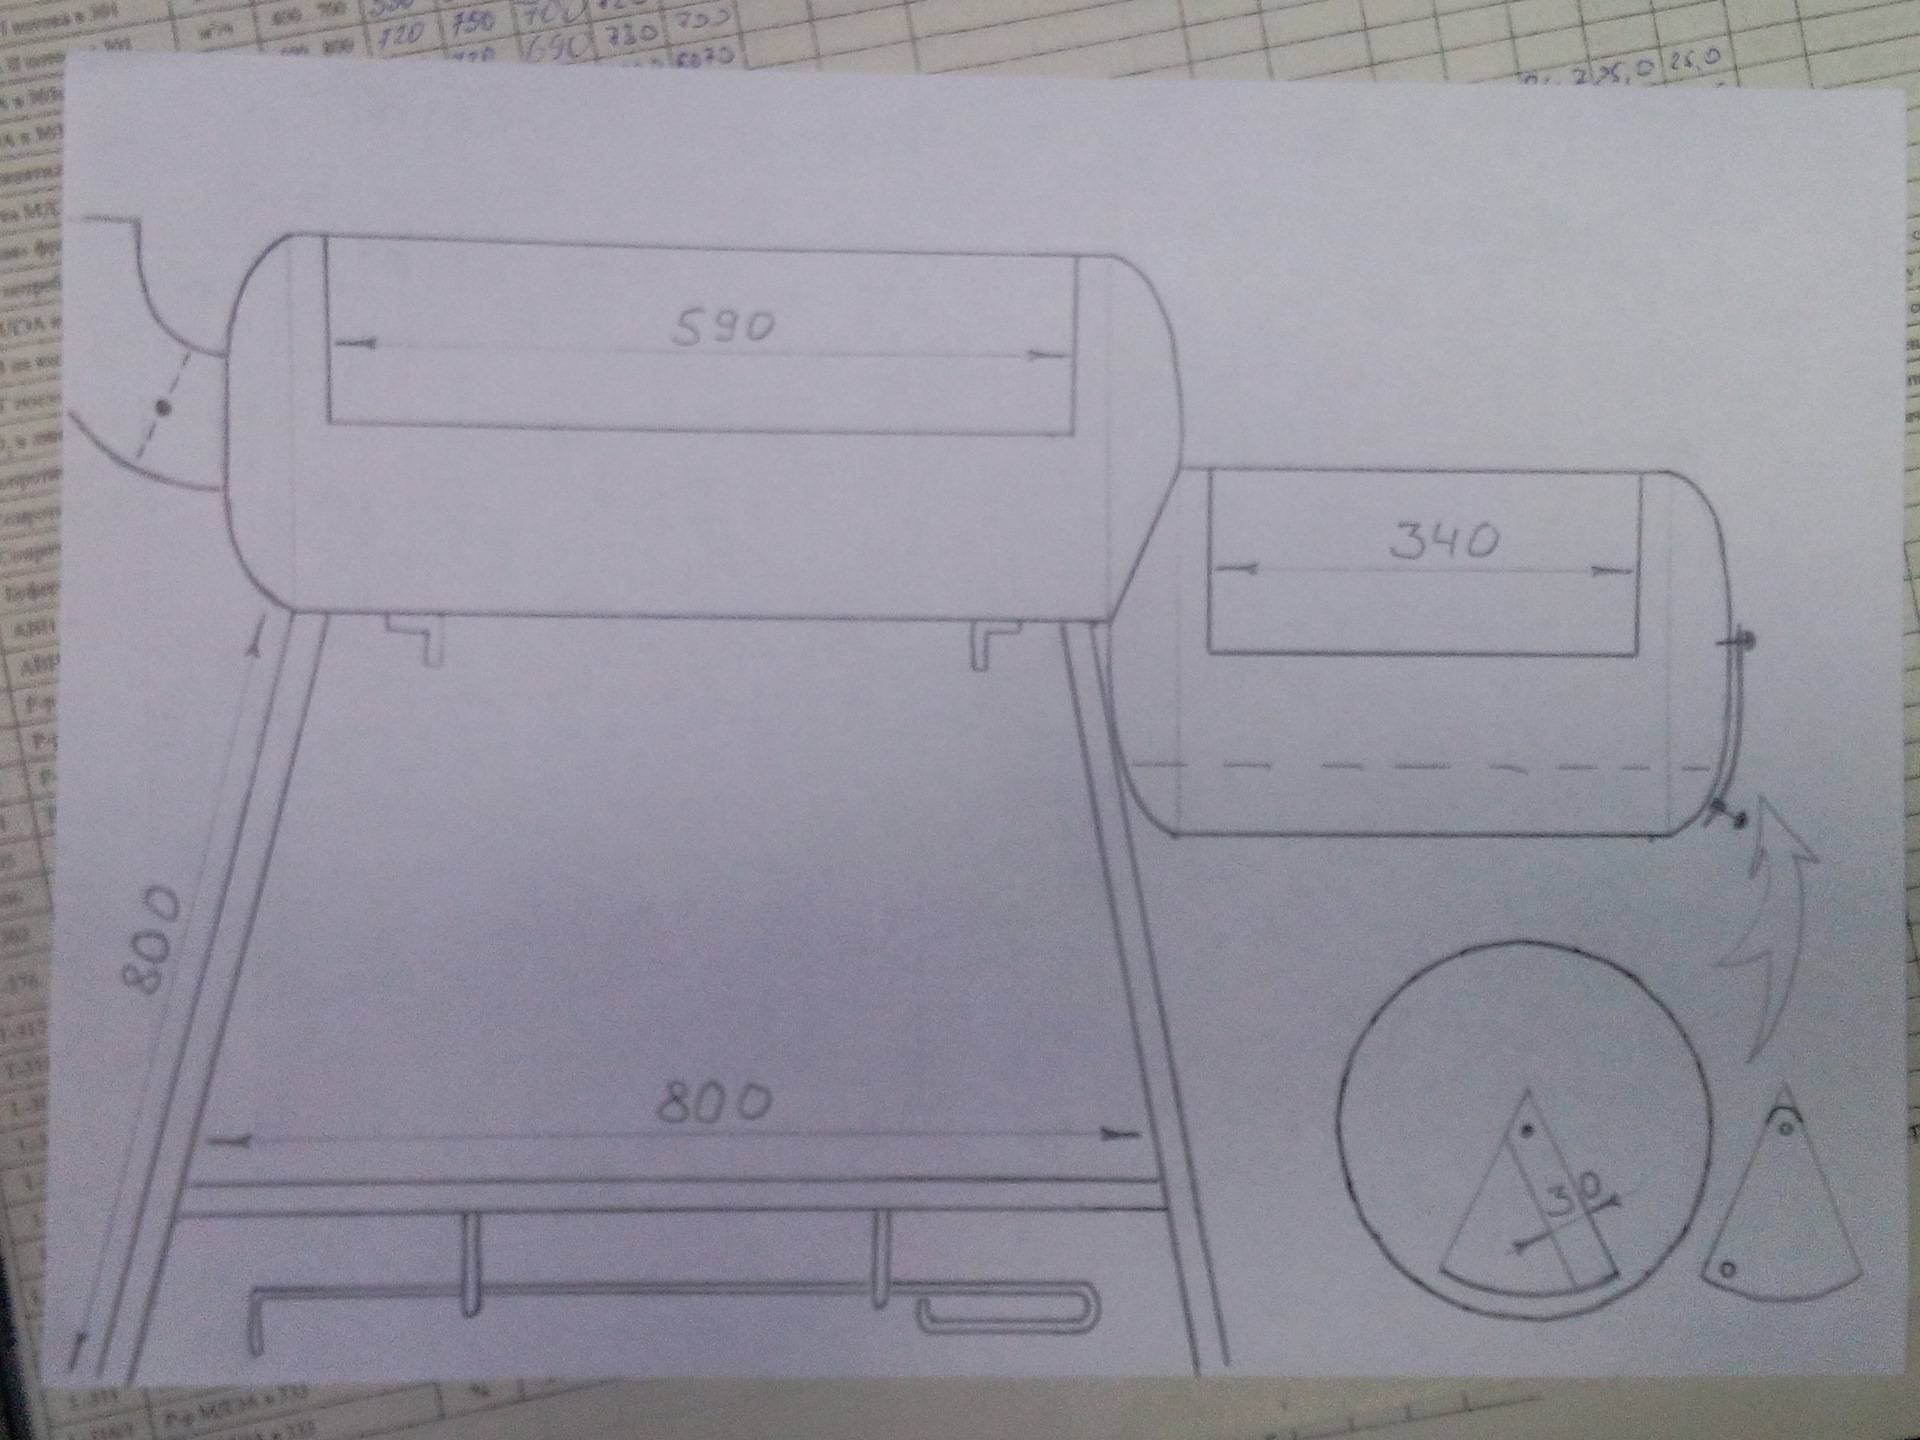 Мангал из газового баллона своими руками: инструкция по изготовлению